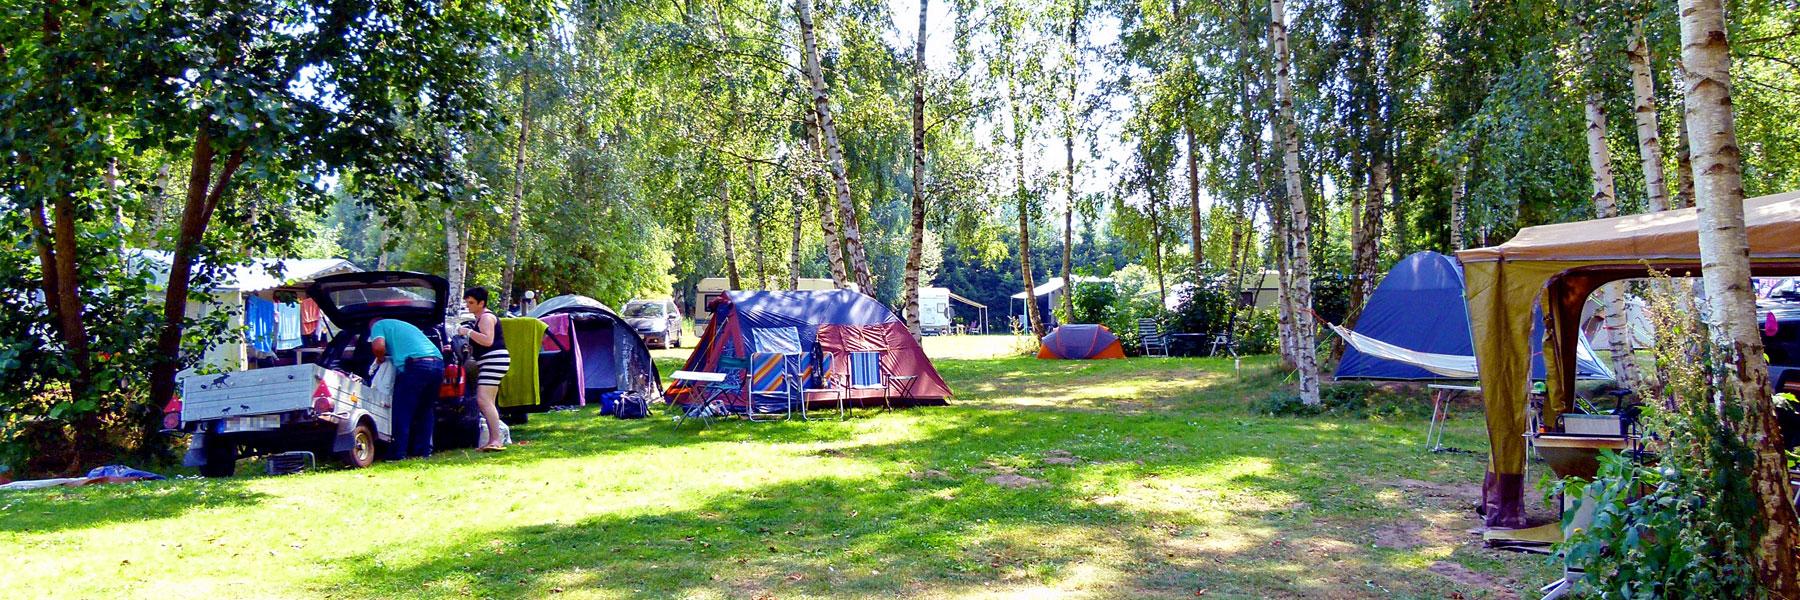 schattige Zeltplätze - Naturcamping Lassan